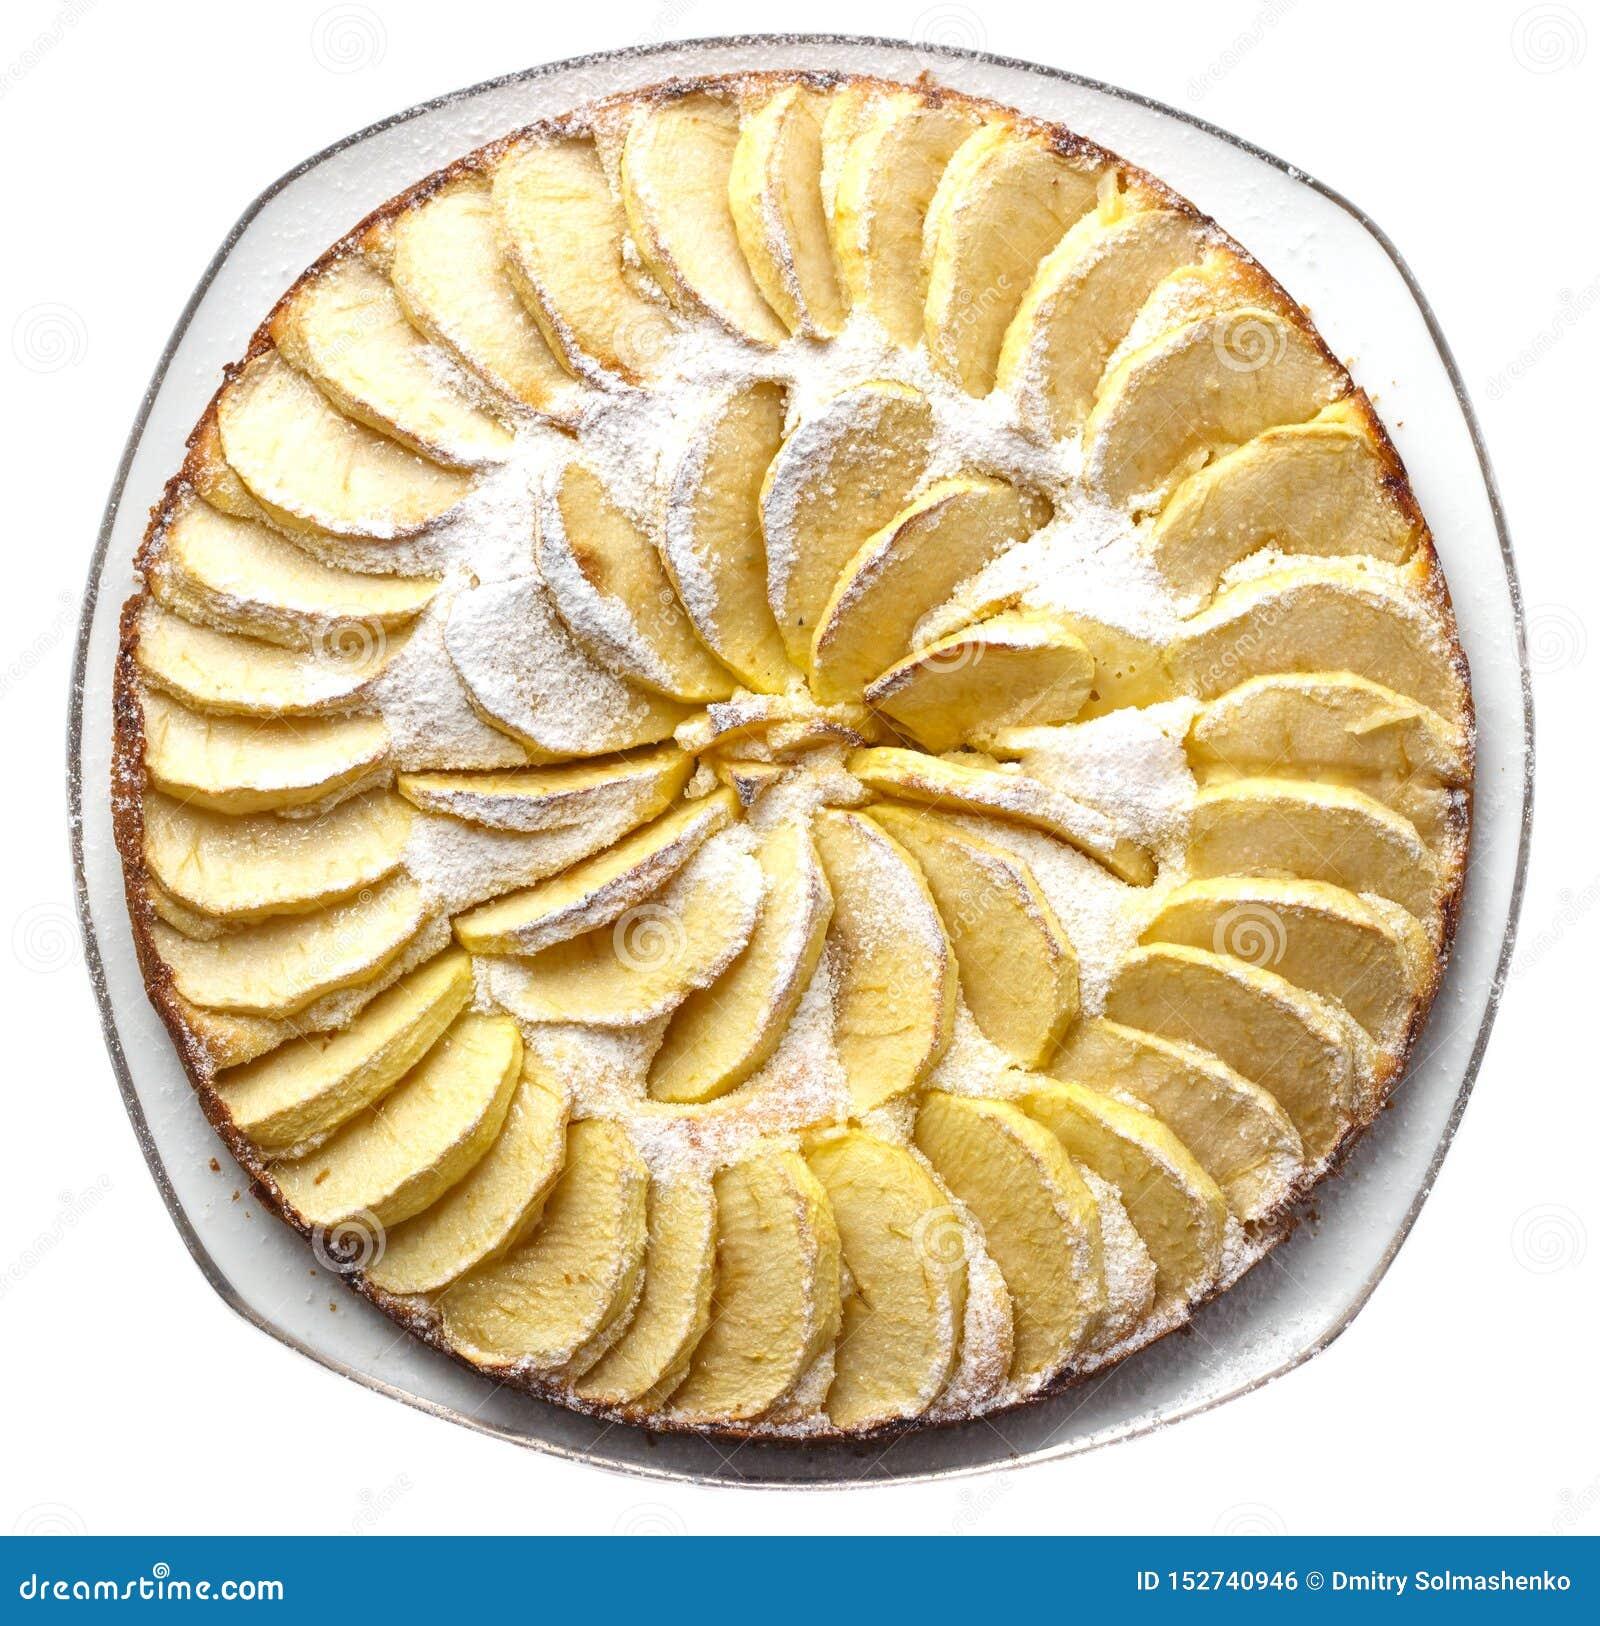 Bolo de maçã caseiro espanado com mentiras do açúcar de crosta de gelo em uma placa em uma opinião superior do fundo branco